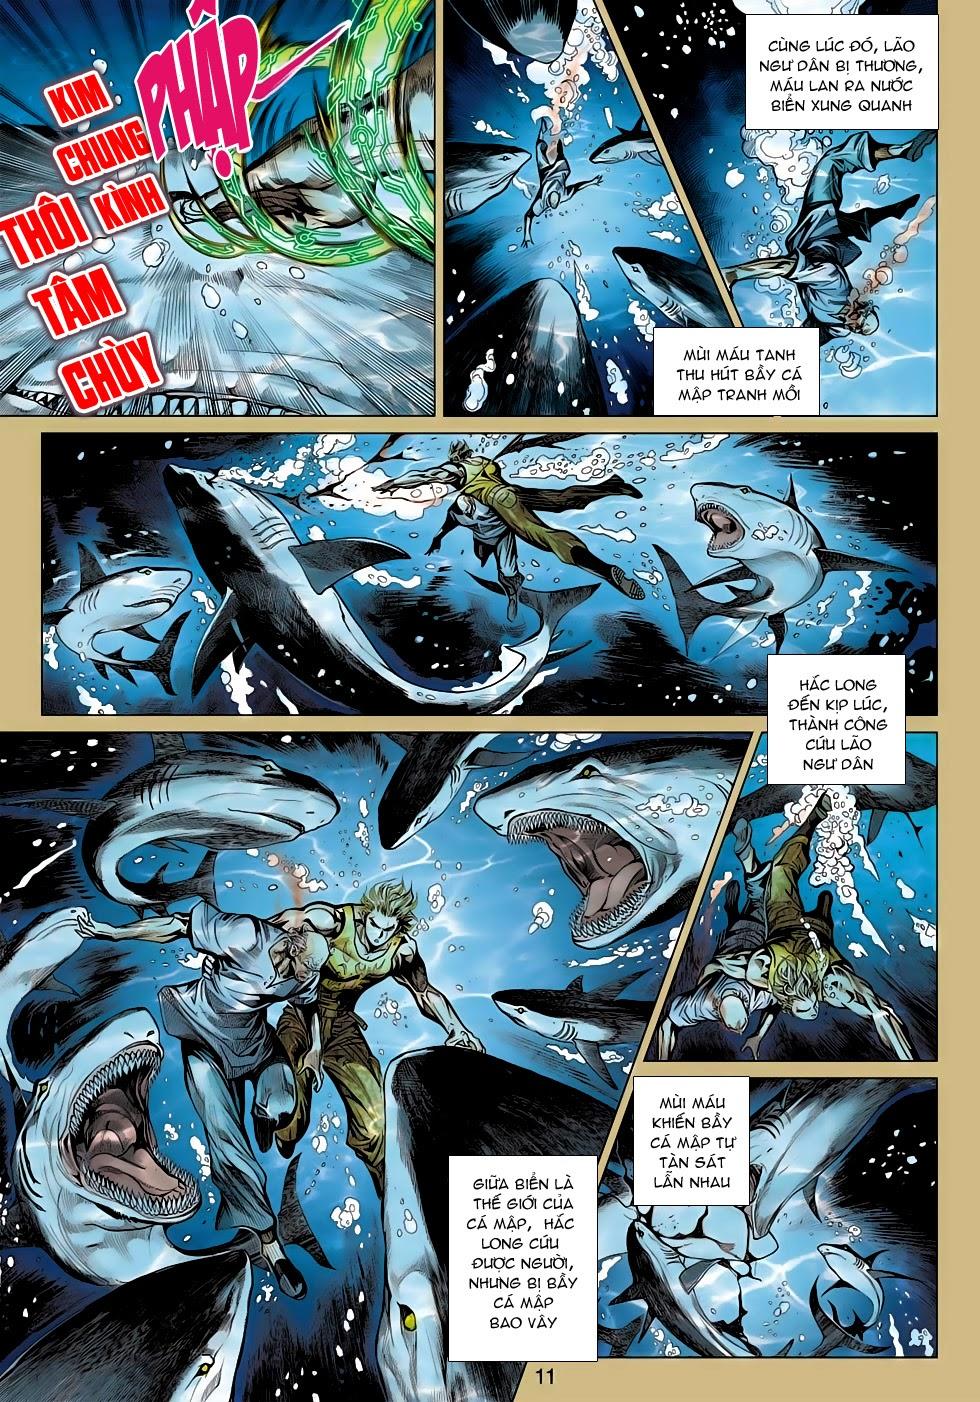 Tân Tác Long Hổ Môn trang 10